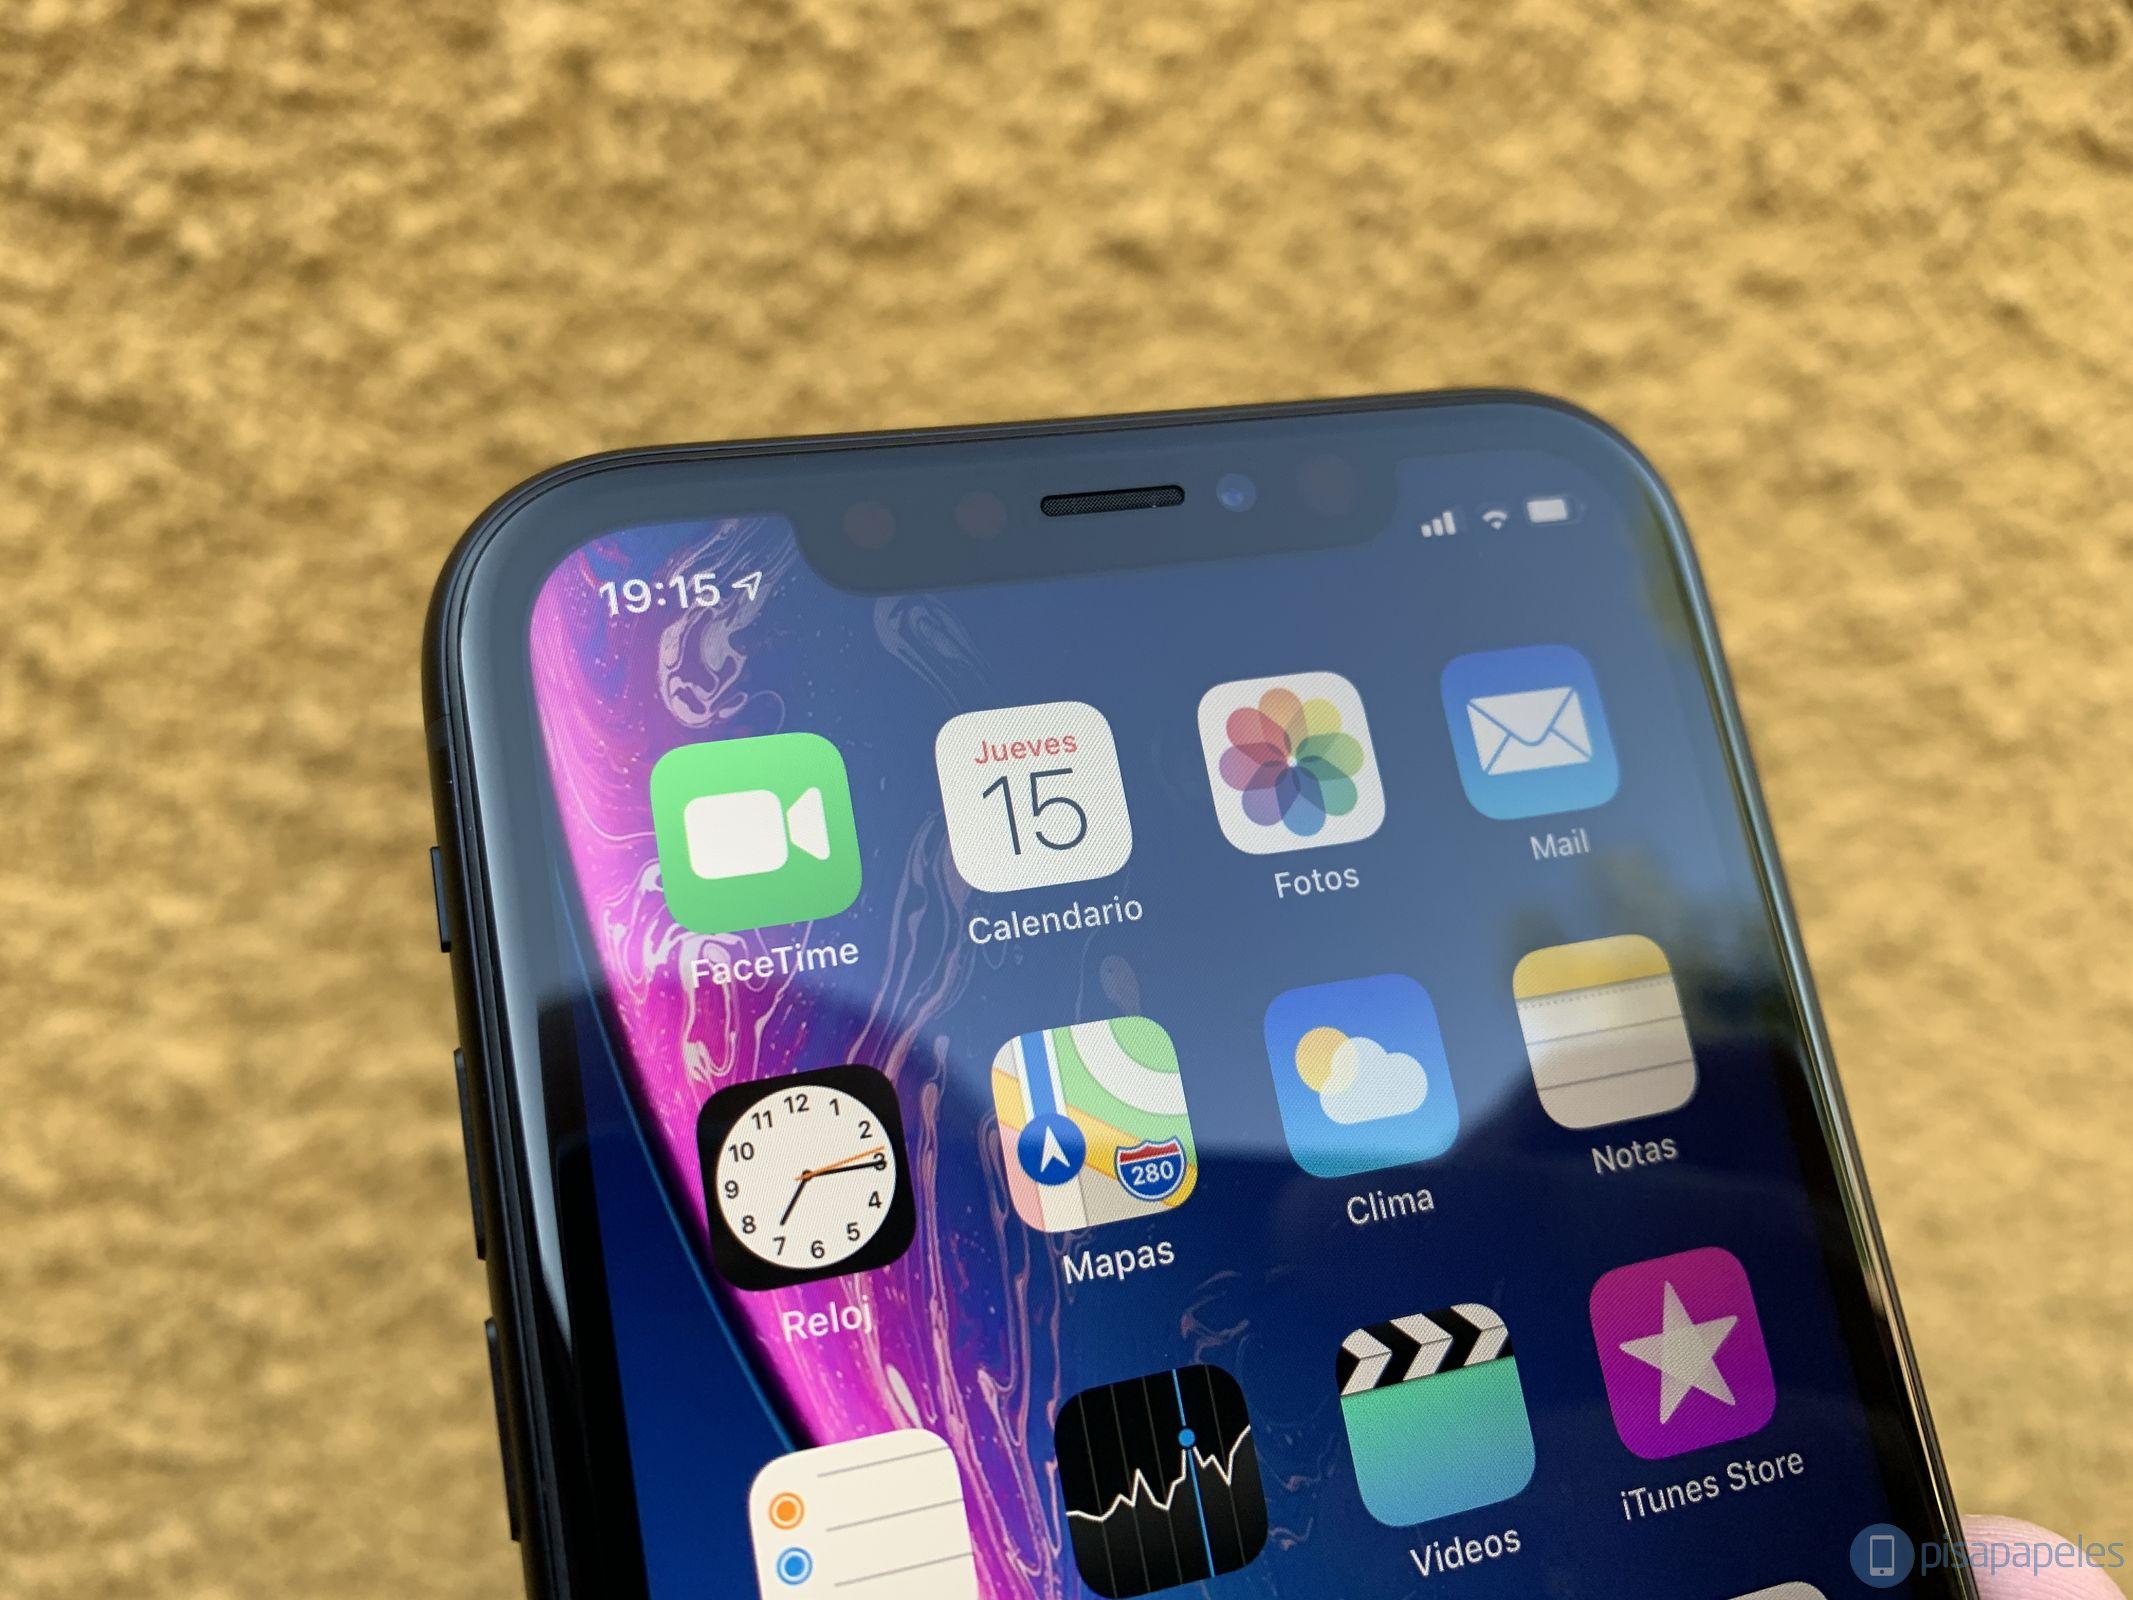 Apple ستضع كاميرا رئيسية ثلاثية على iPhone الأكبر هذا العام 2